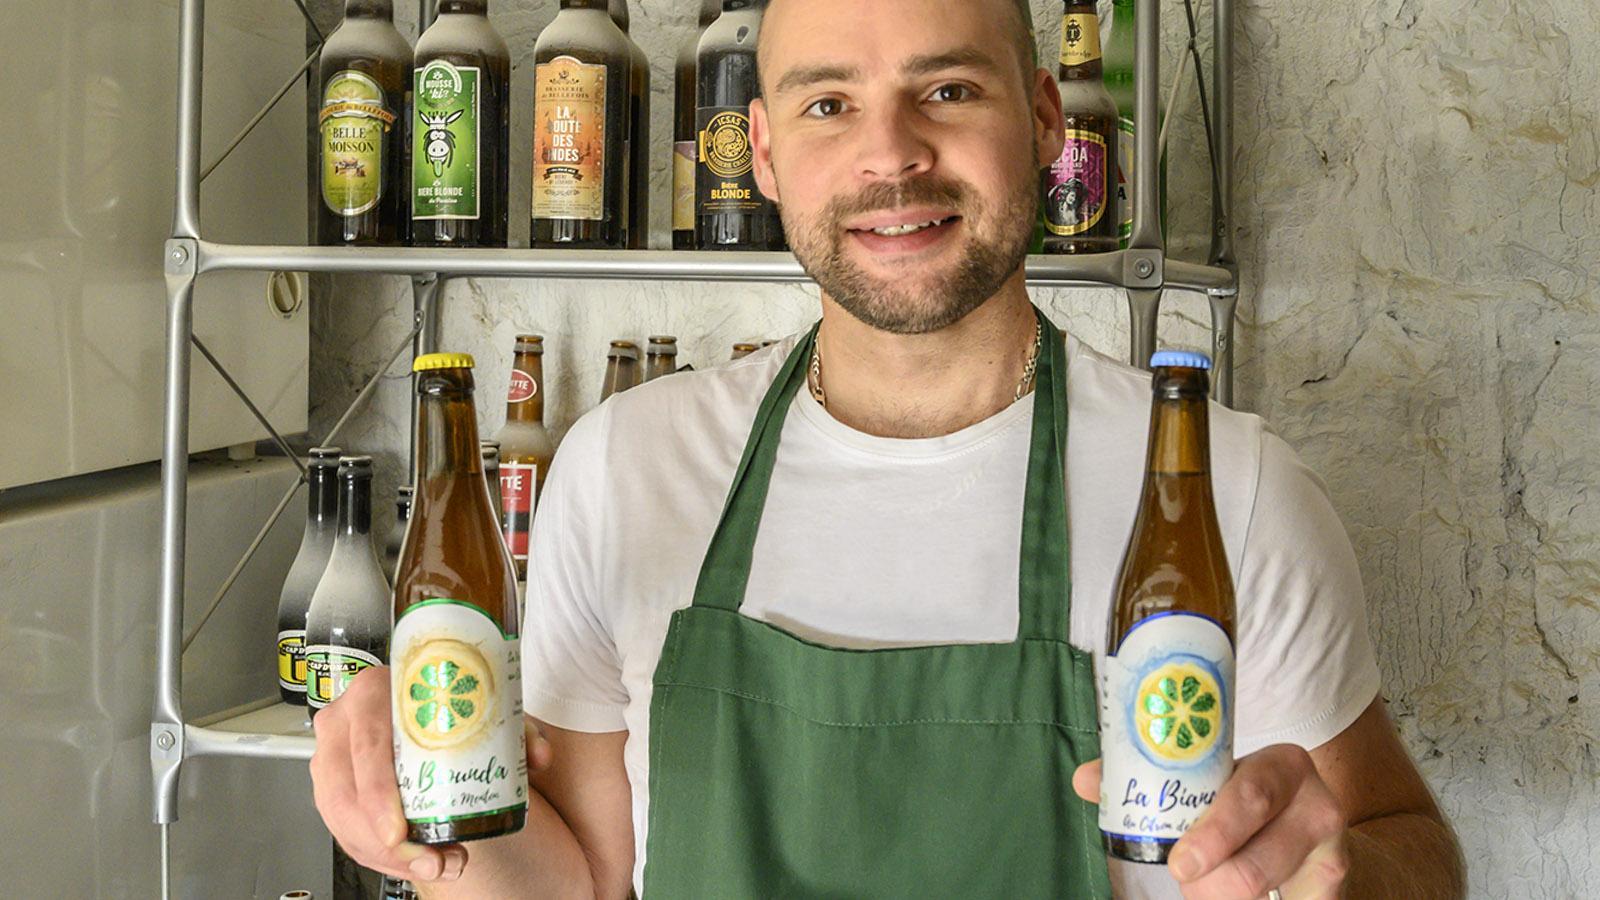 Rémi braut nicht nur Bier, sondern sammelt auch Bier. Foto: Hilke Maunder